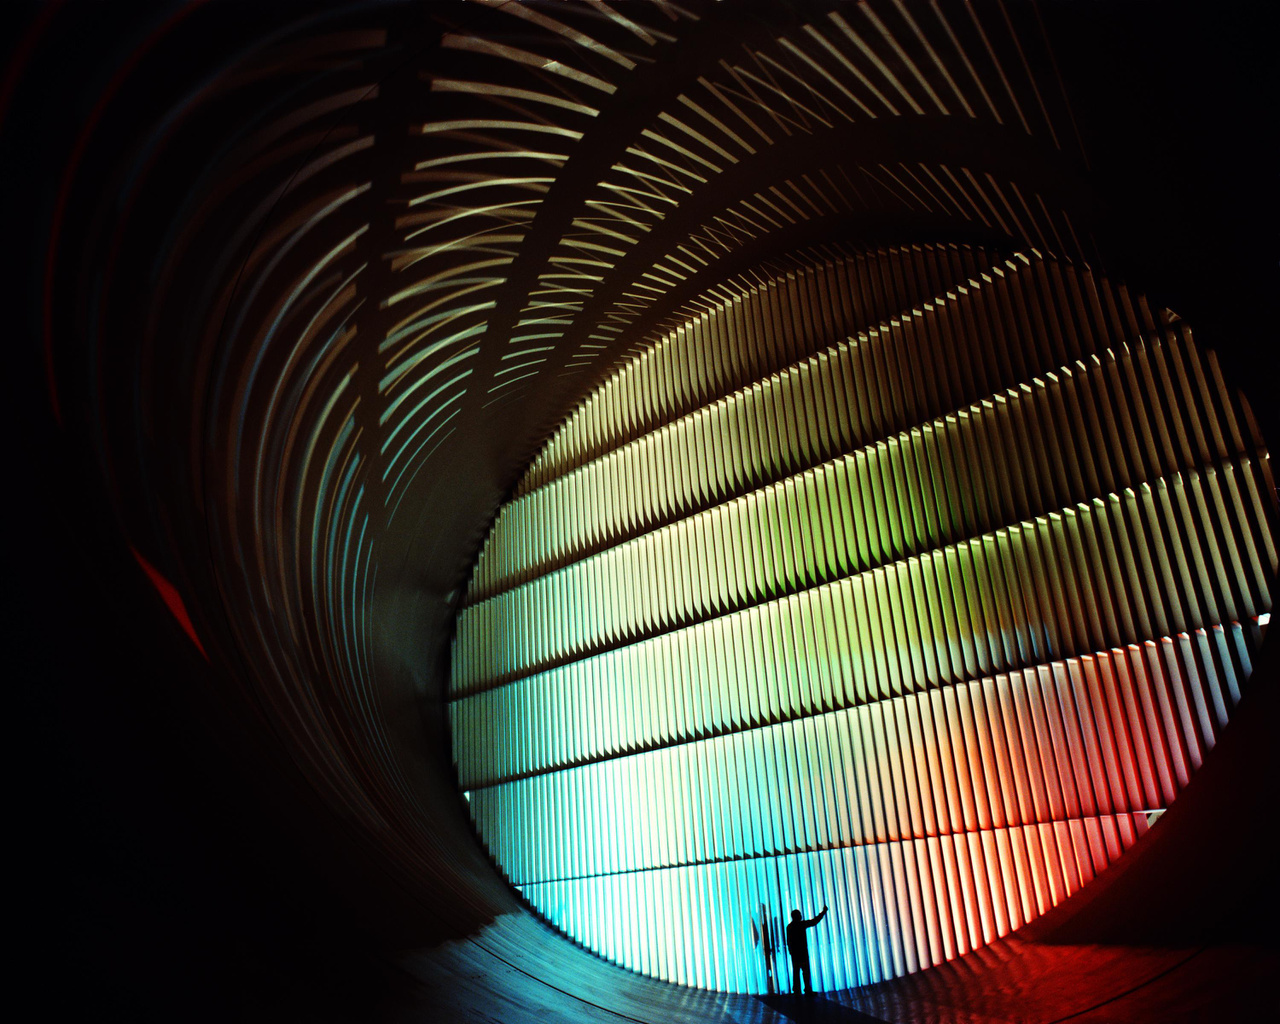 Az 1939-ben épített, 1990-ben felújított, majd 2011-ben lebontott 16-lábas transzonikus szélcsatorna (16-Foot Transonic Wind Tunnel) belseje, a beépített hatalmas légterelővel.